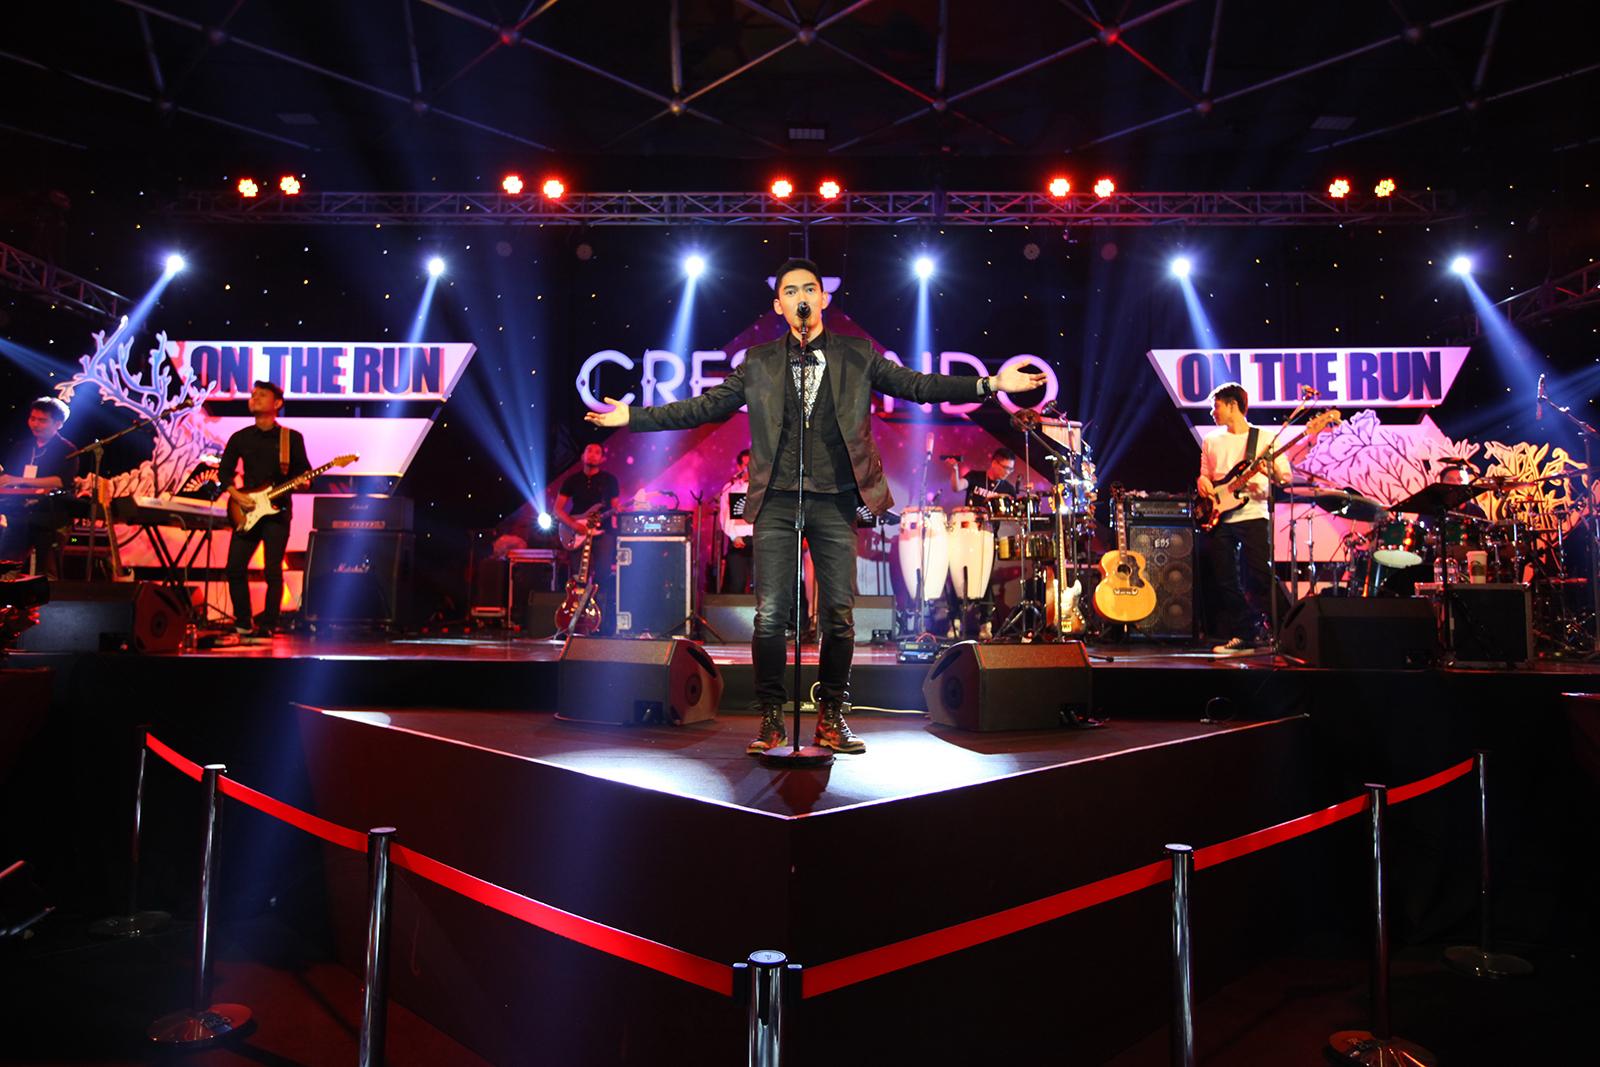 Crescendo Crescendo on the run วงดนตรี